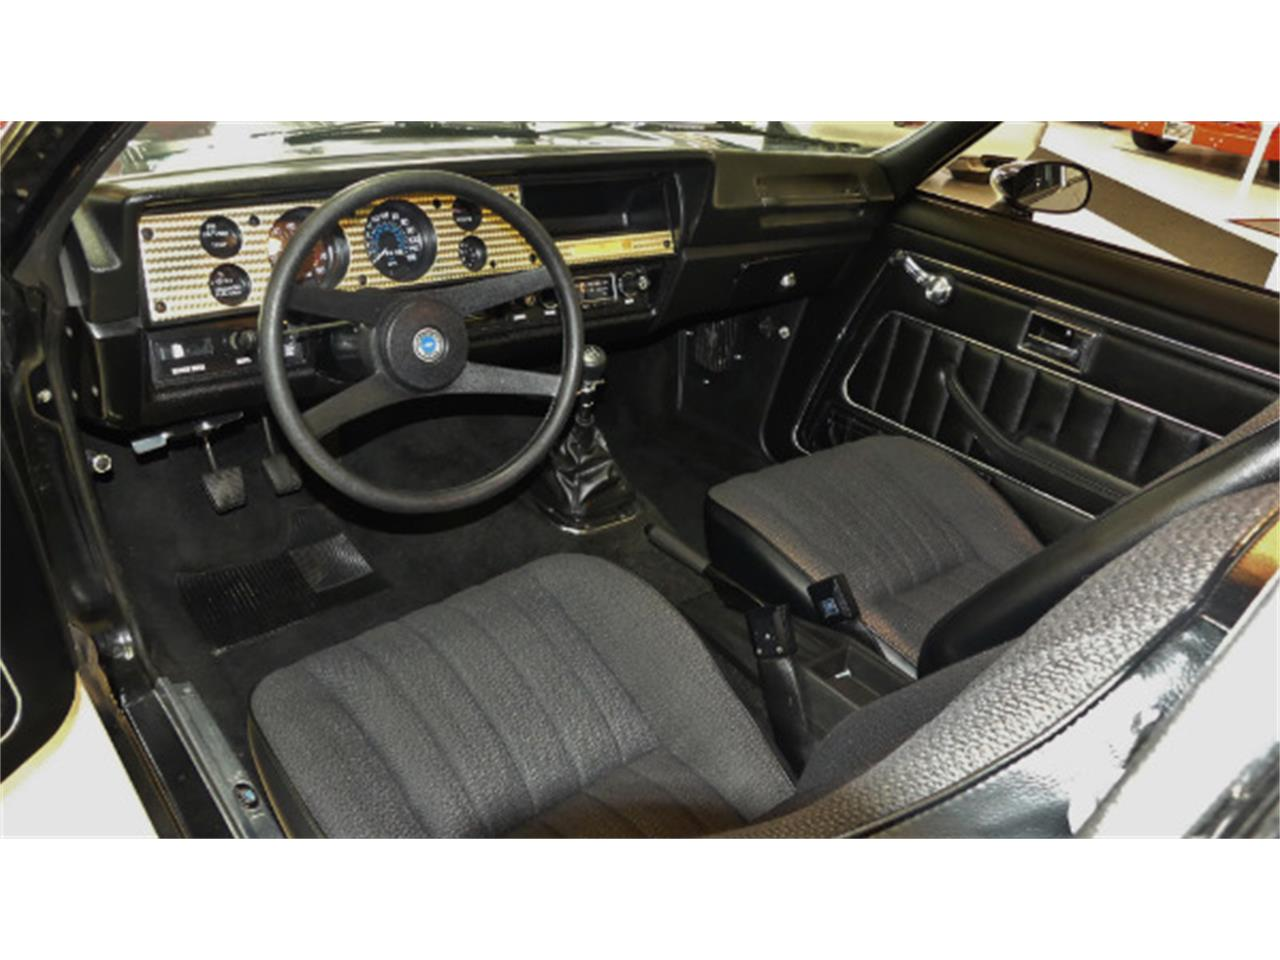 Large Picture of '75 Vega located in Ohio - $15,995.00 - L2U8